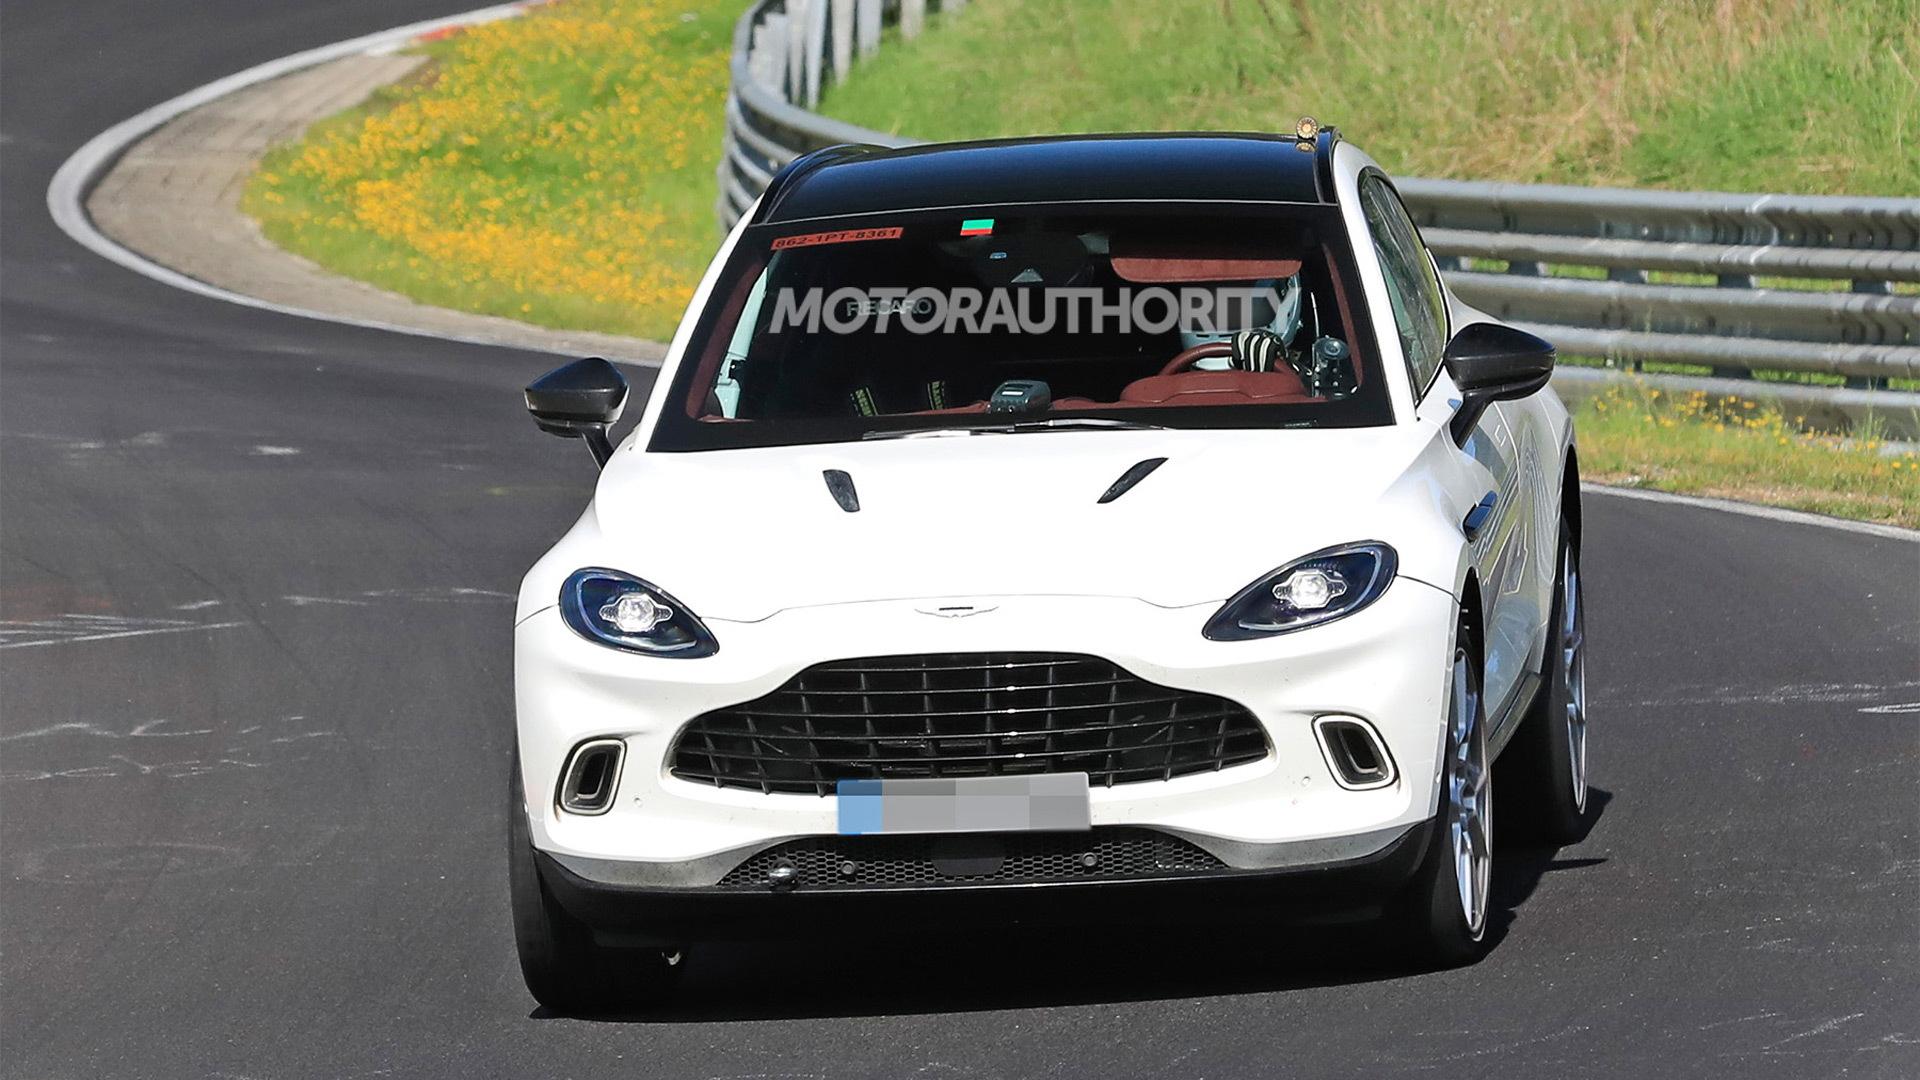 2023 Aston Martin DBX mild-hybrid spy shots - Photo credit: S. Baldauf/SB-Medien